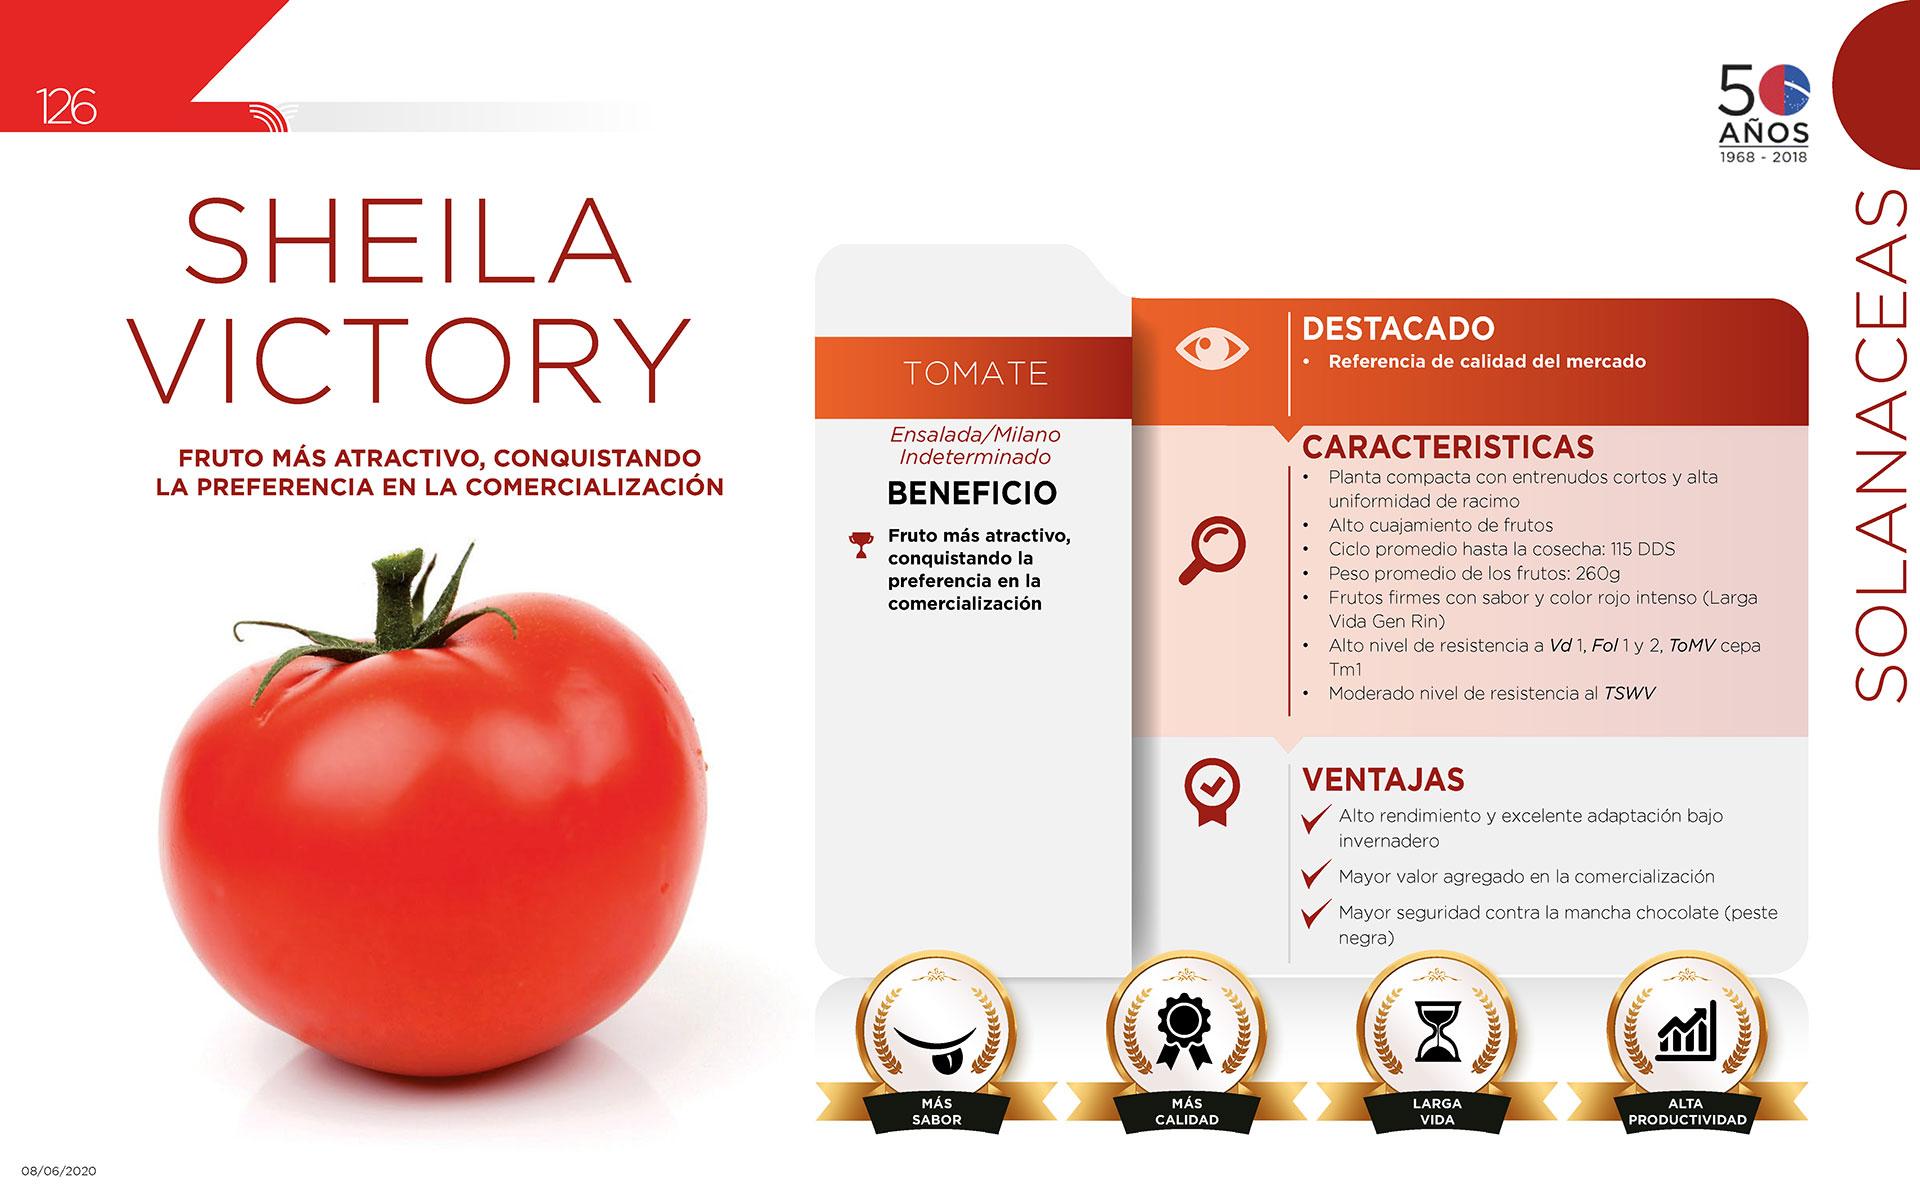 Sheila Victory - Solanaceas